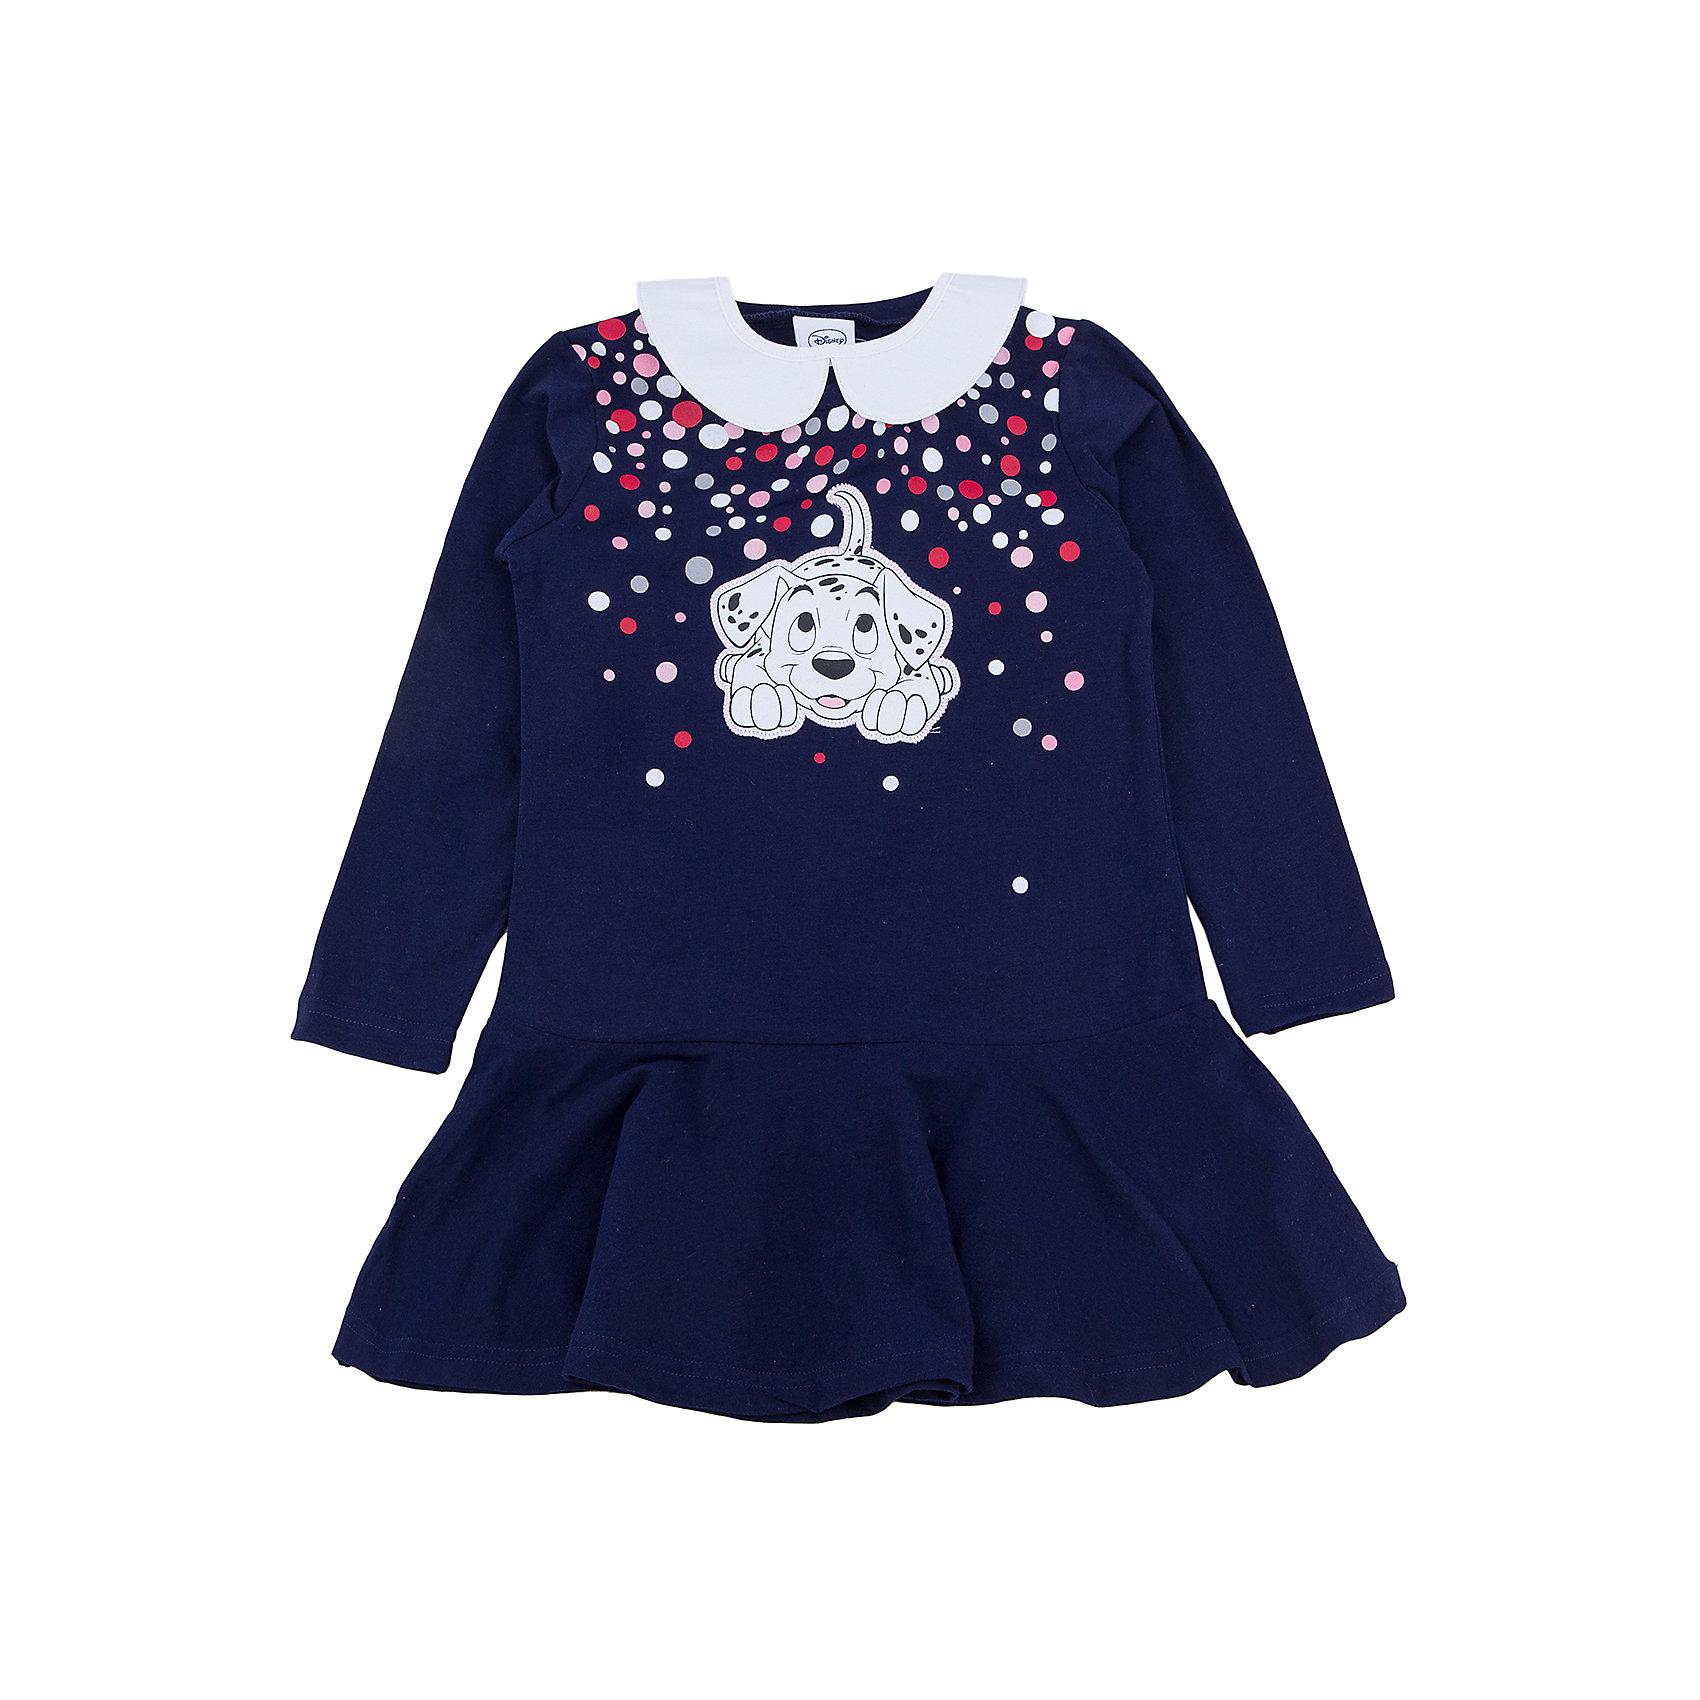 Платье для девочки PlayTodayПлатья и сарафаны<br>Платье для девочки от известного бренда PlayToday.<br>Мягкое хлопковое платье с длинными рукавами. Украшено лицензионным диснеевским принтом с забавным долматинцем.  Рукава на резинке, есть съемный белый воротничок.<br>Состав:<br>95% хлопок, 5% эластан<br><br>Ширина мм: 236<br>Глубина мм: 16<br>Высота мм: 184<br>Вес г: 177<br>Цвет: разноцветный<br>Возраст от месяцев: 24<br>Возраст до месяцев: 36<br>Пол: Женский<br>Возраст: Детский<br>Размер: 98,110,116,122,104,128<br>SKU: 4903214